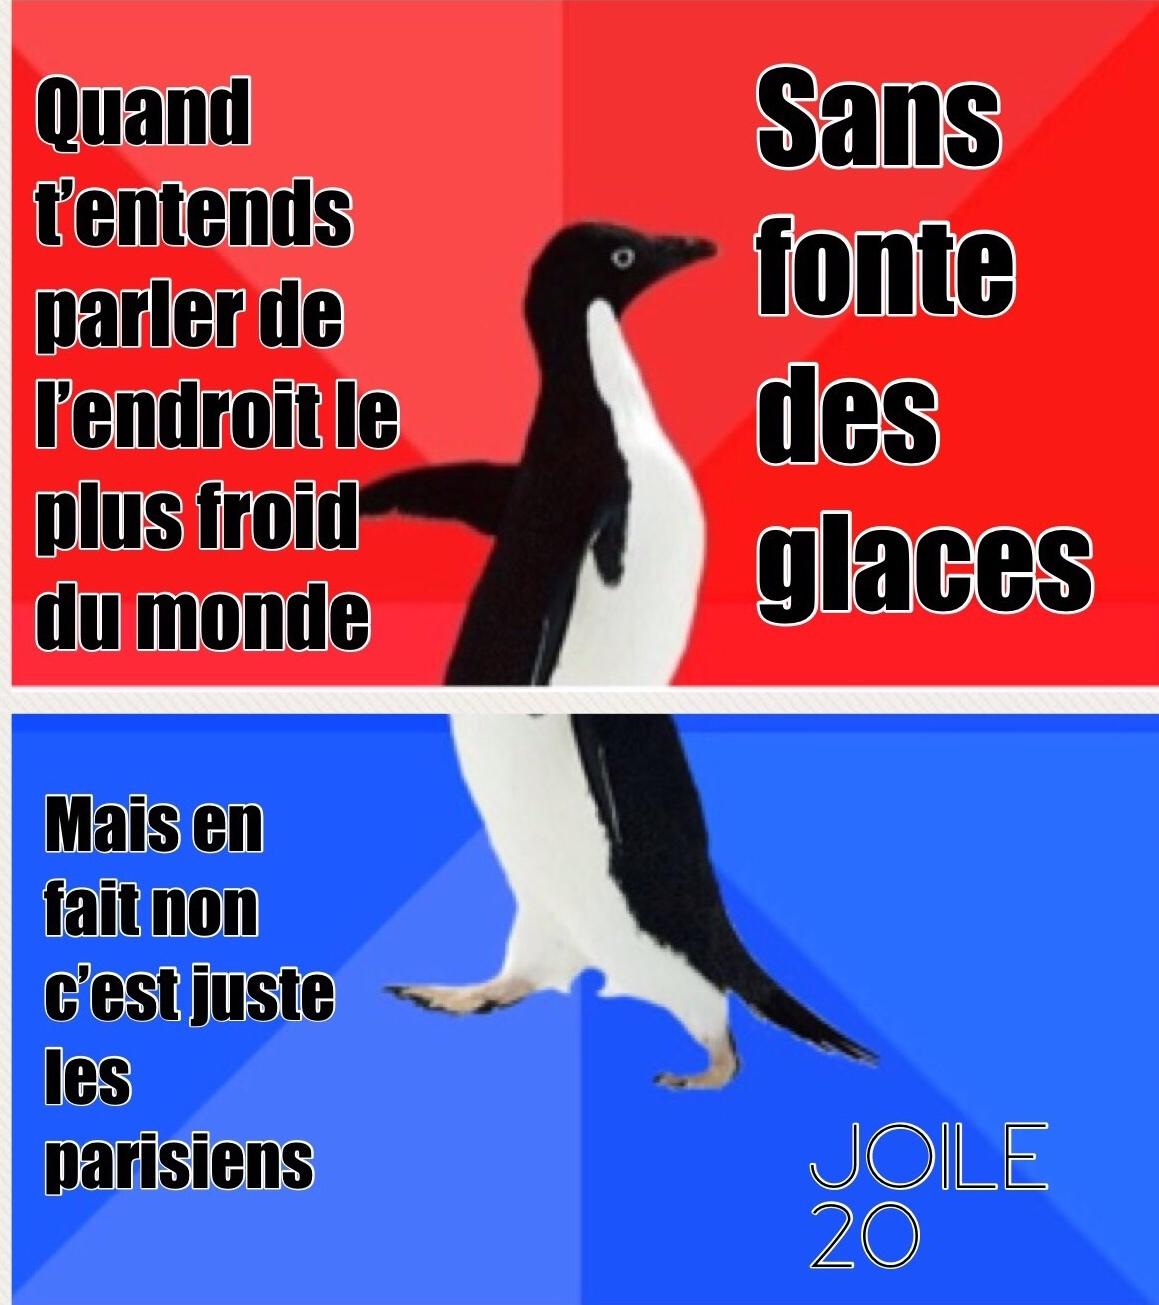 promis j'aime bien les parisiens  - meme